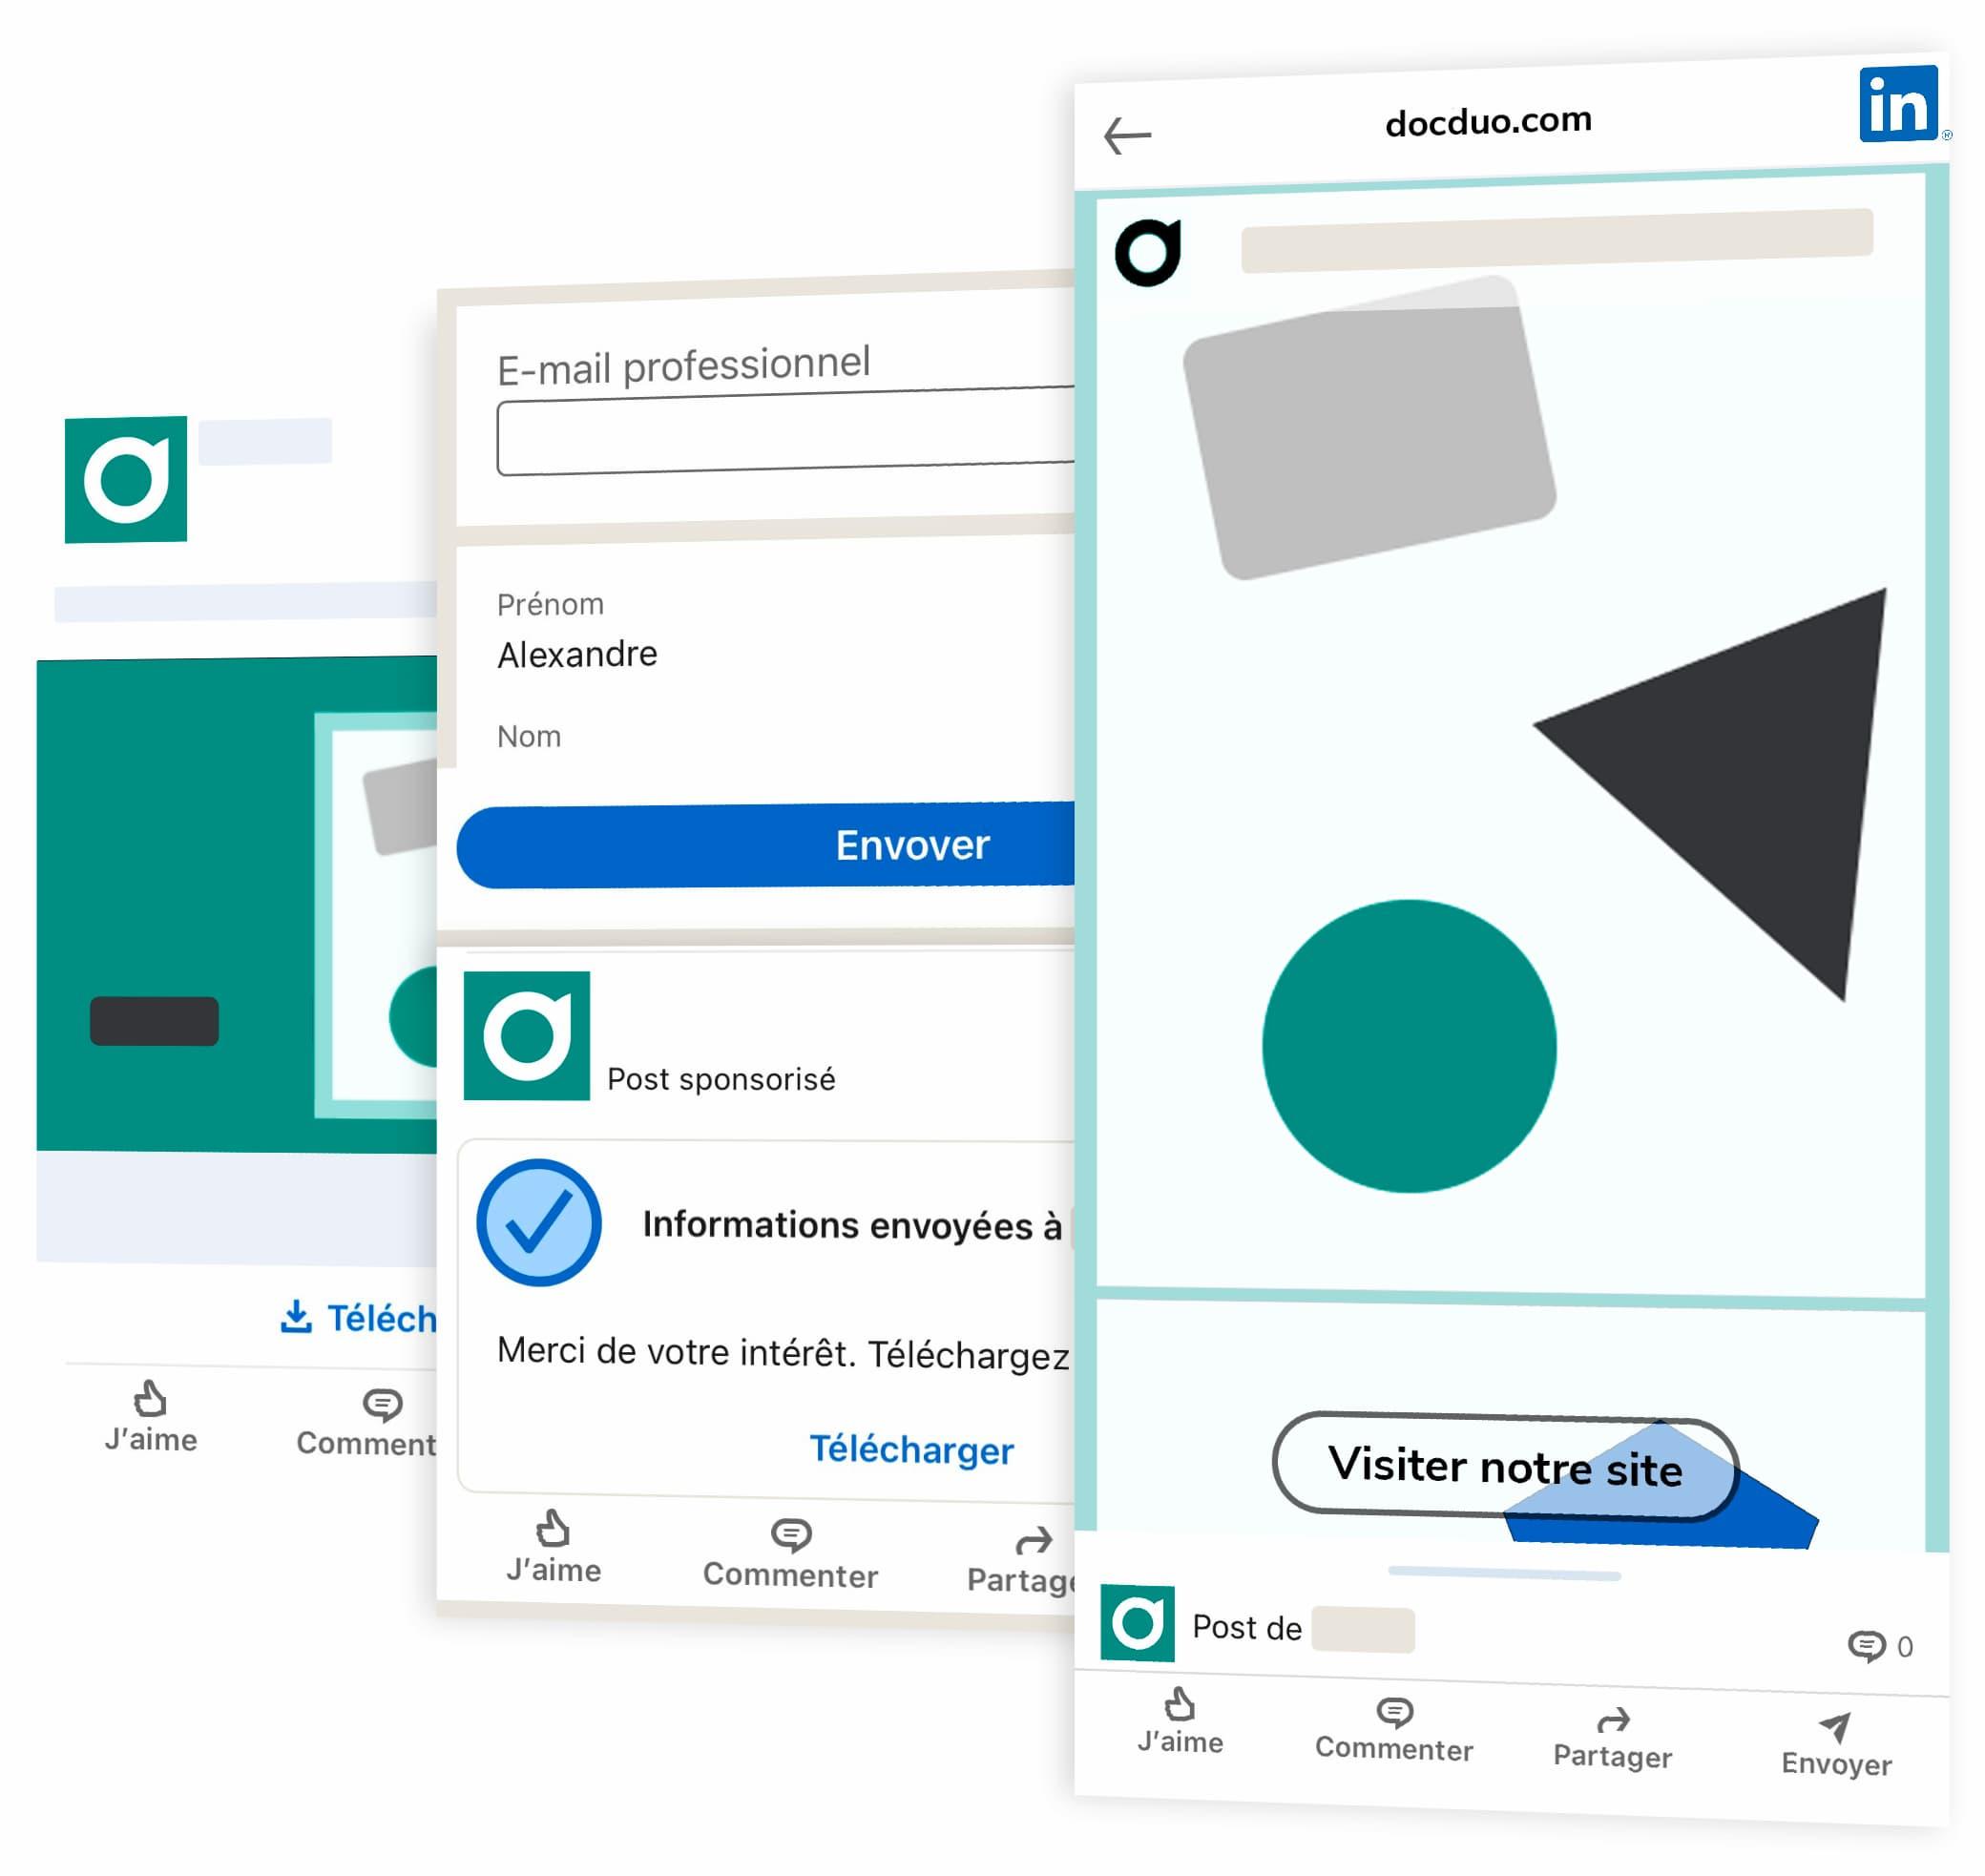 Les 3 étapes d'une publicité LinkedIn Ads avec formulaire de génération de leads et hébergement et affichage de contenu publicitaire optimisé avec docduo.